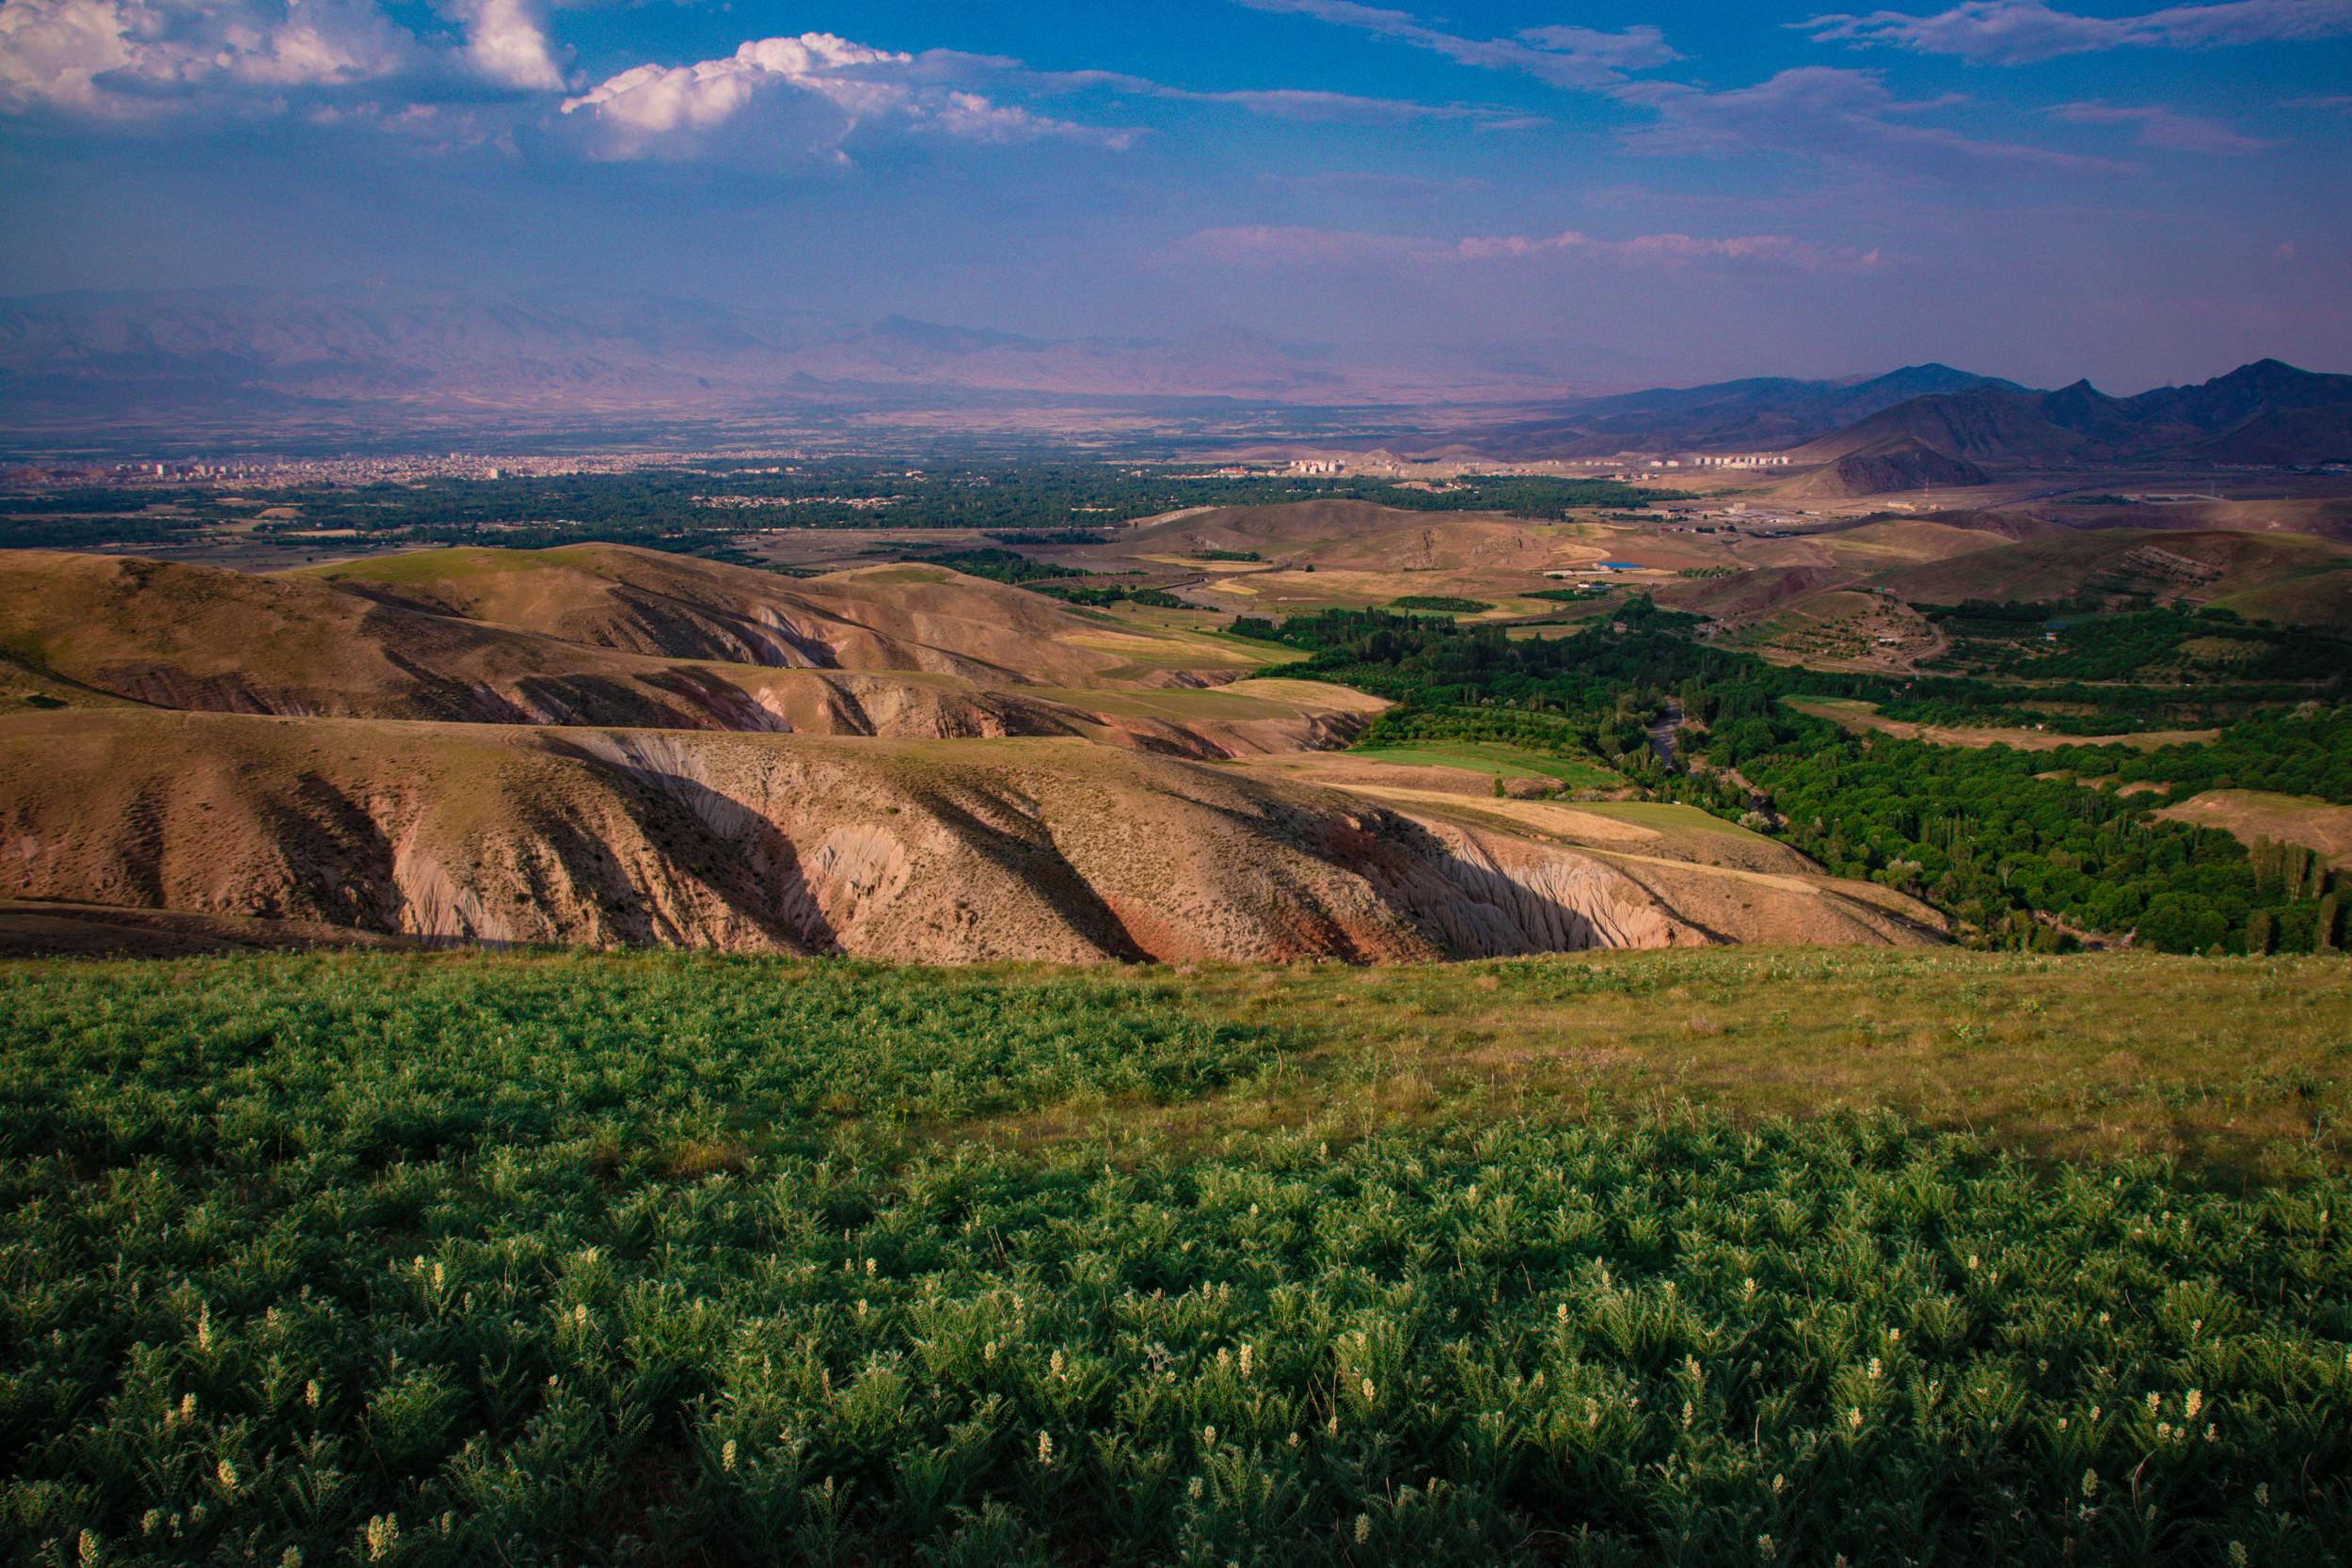 میشو داغی، کوه بی نظیر آذربایجان شرقی!